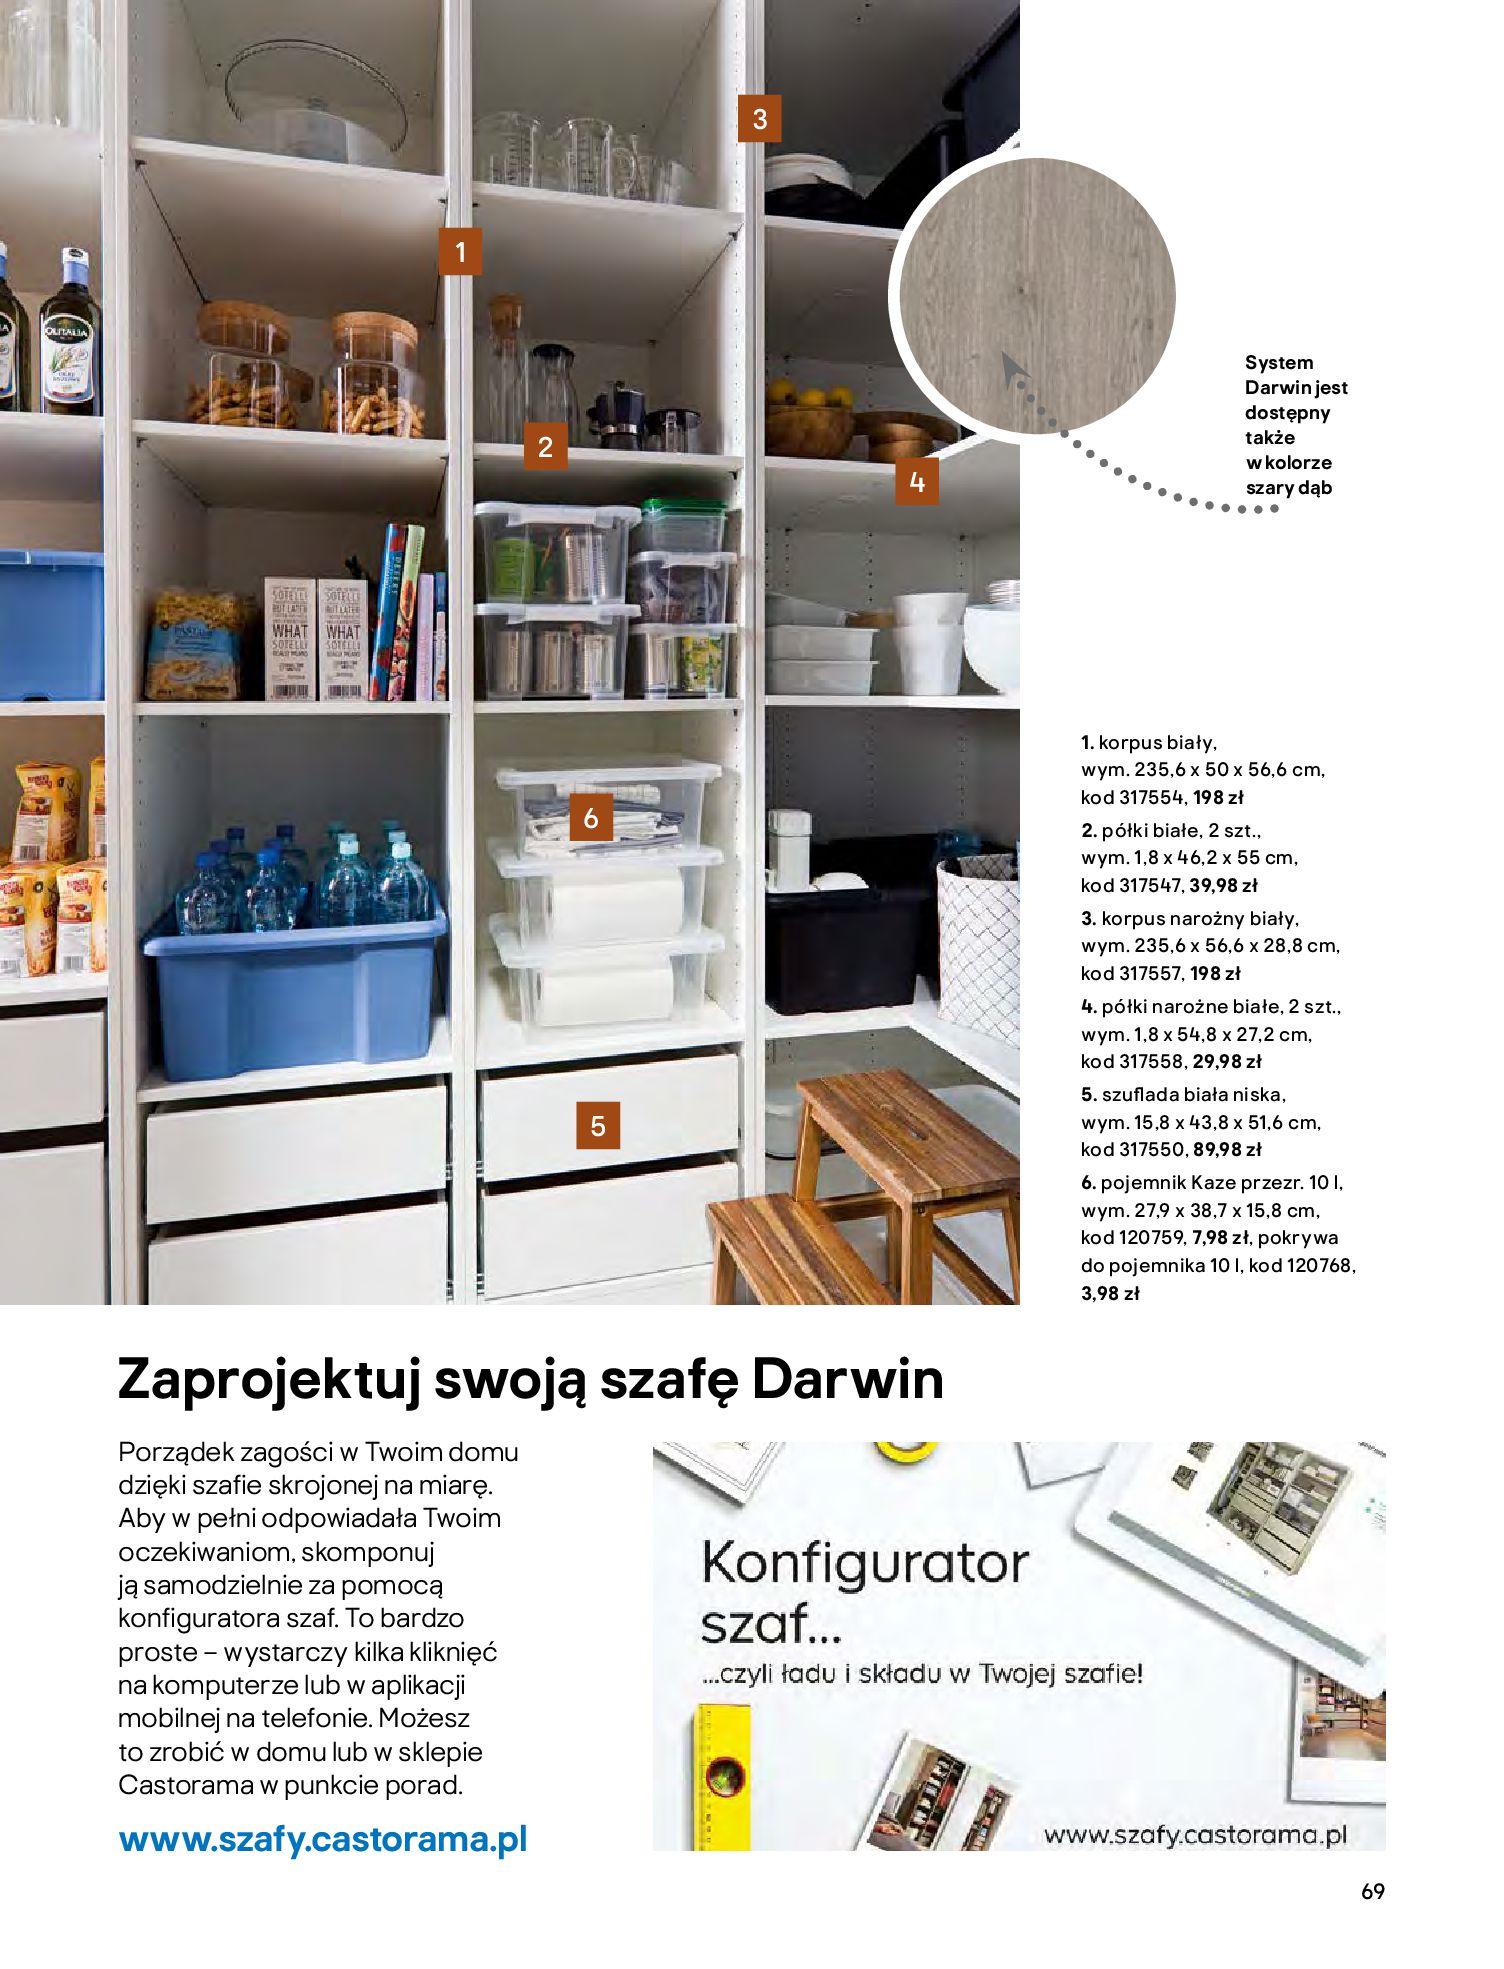 Gazetka Castorama - Katalog Kuchnie 2020-14.04.2020-31.12.2020-page-69